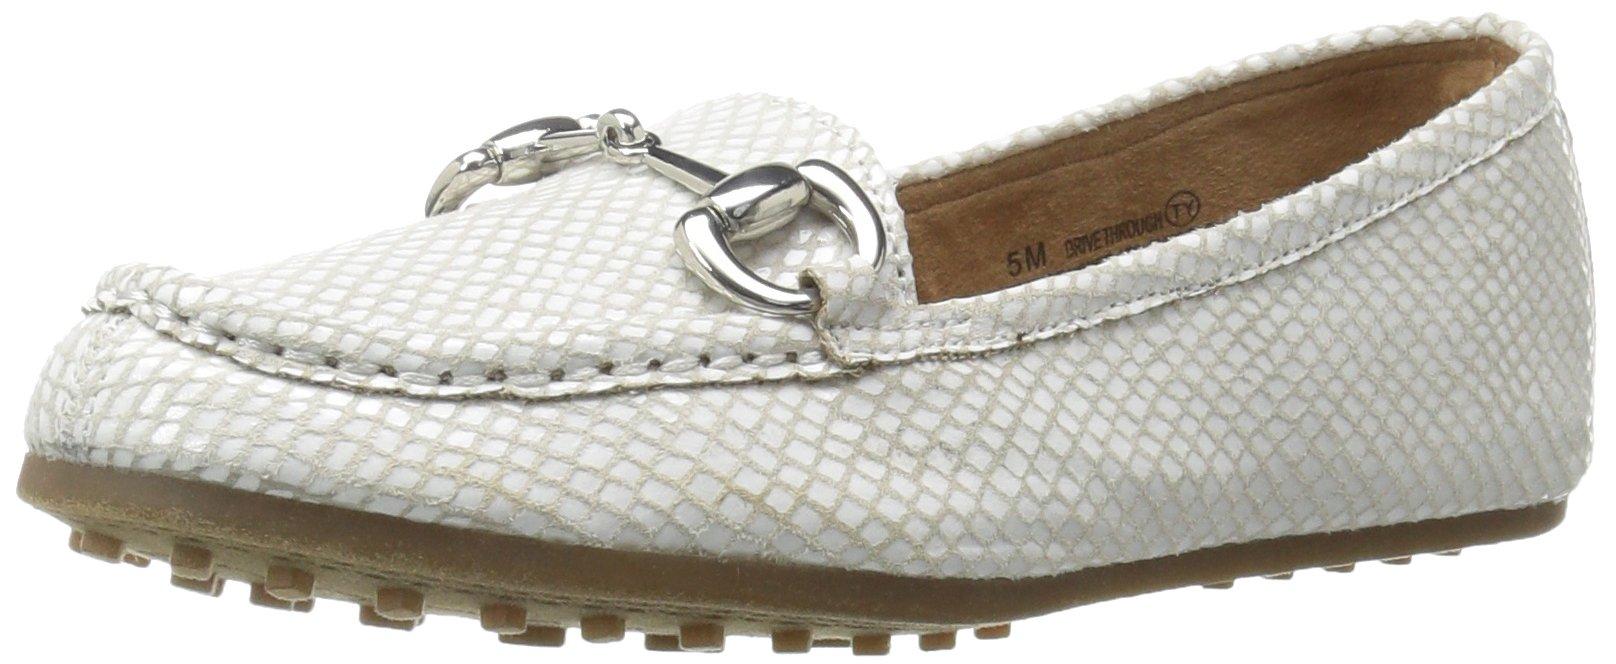 Aerosoles Women's Drive Through Slip-on Loafer, White Snake, 7 M US